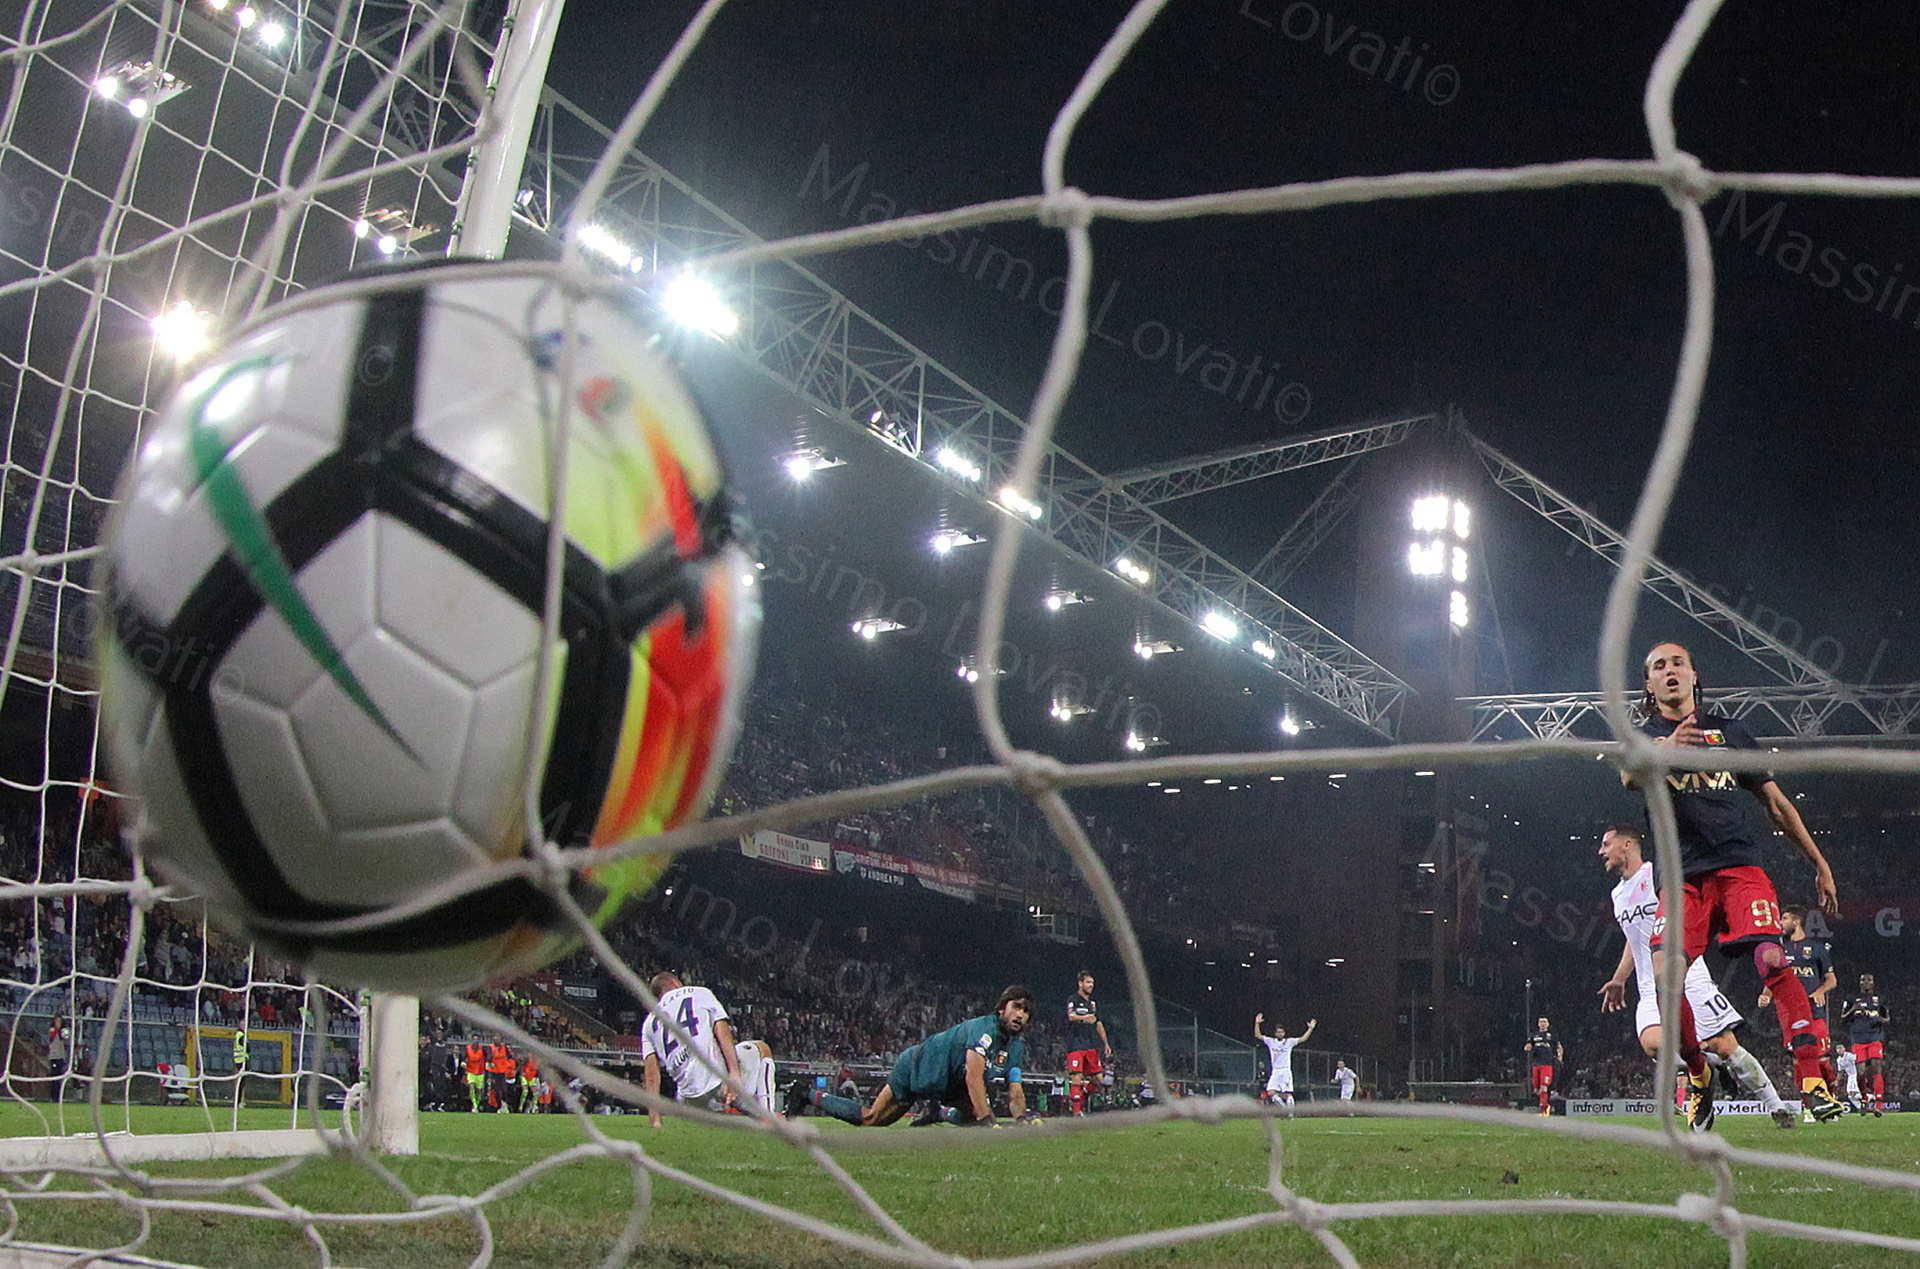 30/09/2017, Genova , Campionato di Calcio Serie A, Genoa- Bologna , nella foto Palacio tira, batte Perin e segna eil pallone gonfia la rete